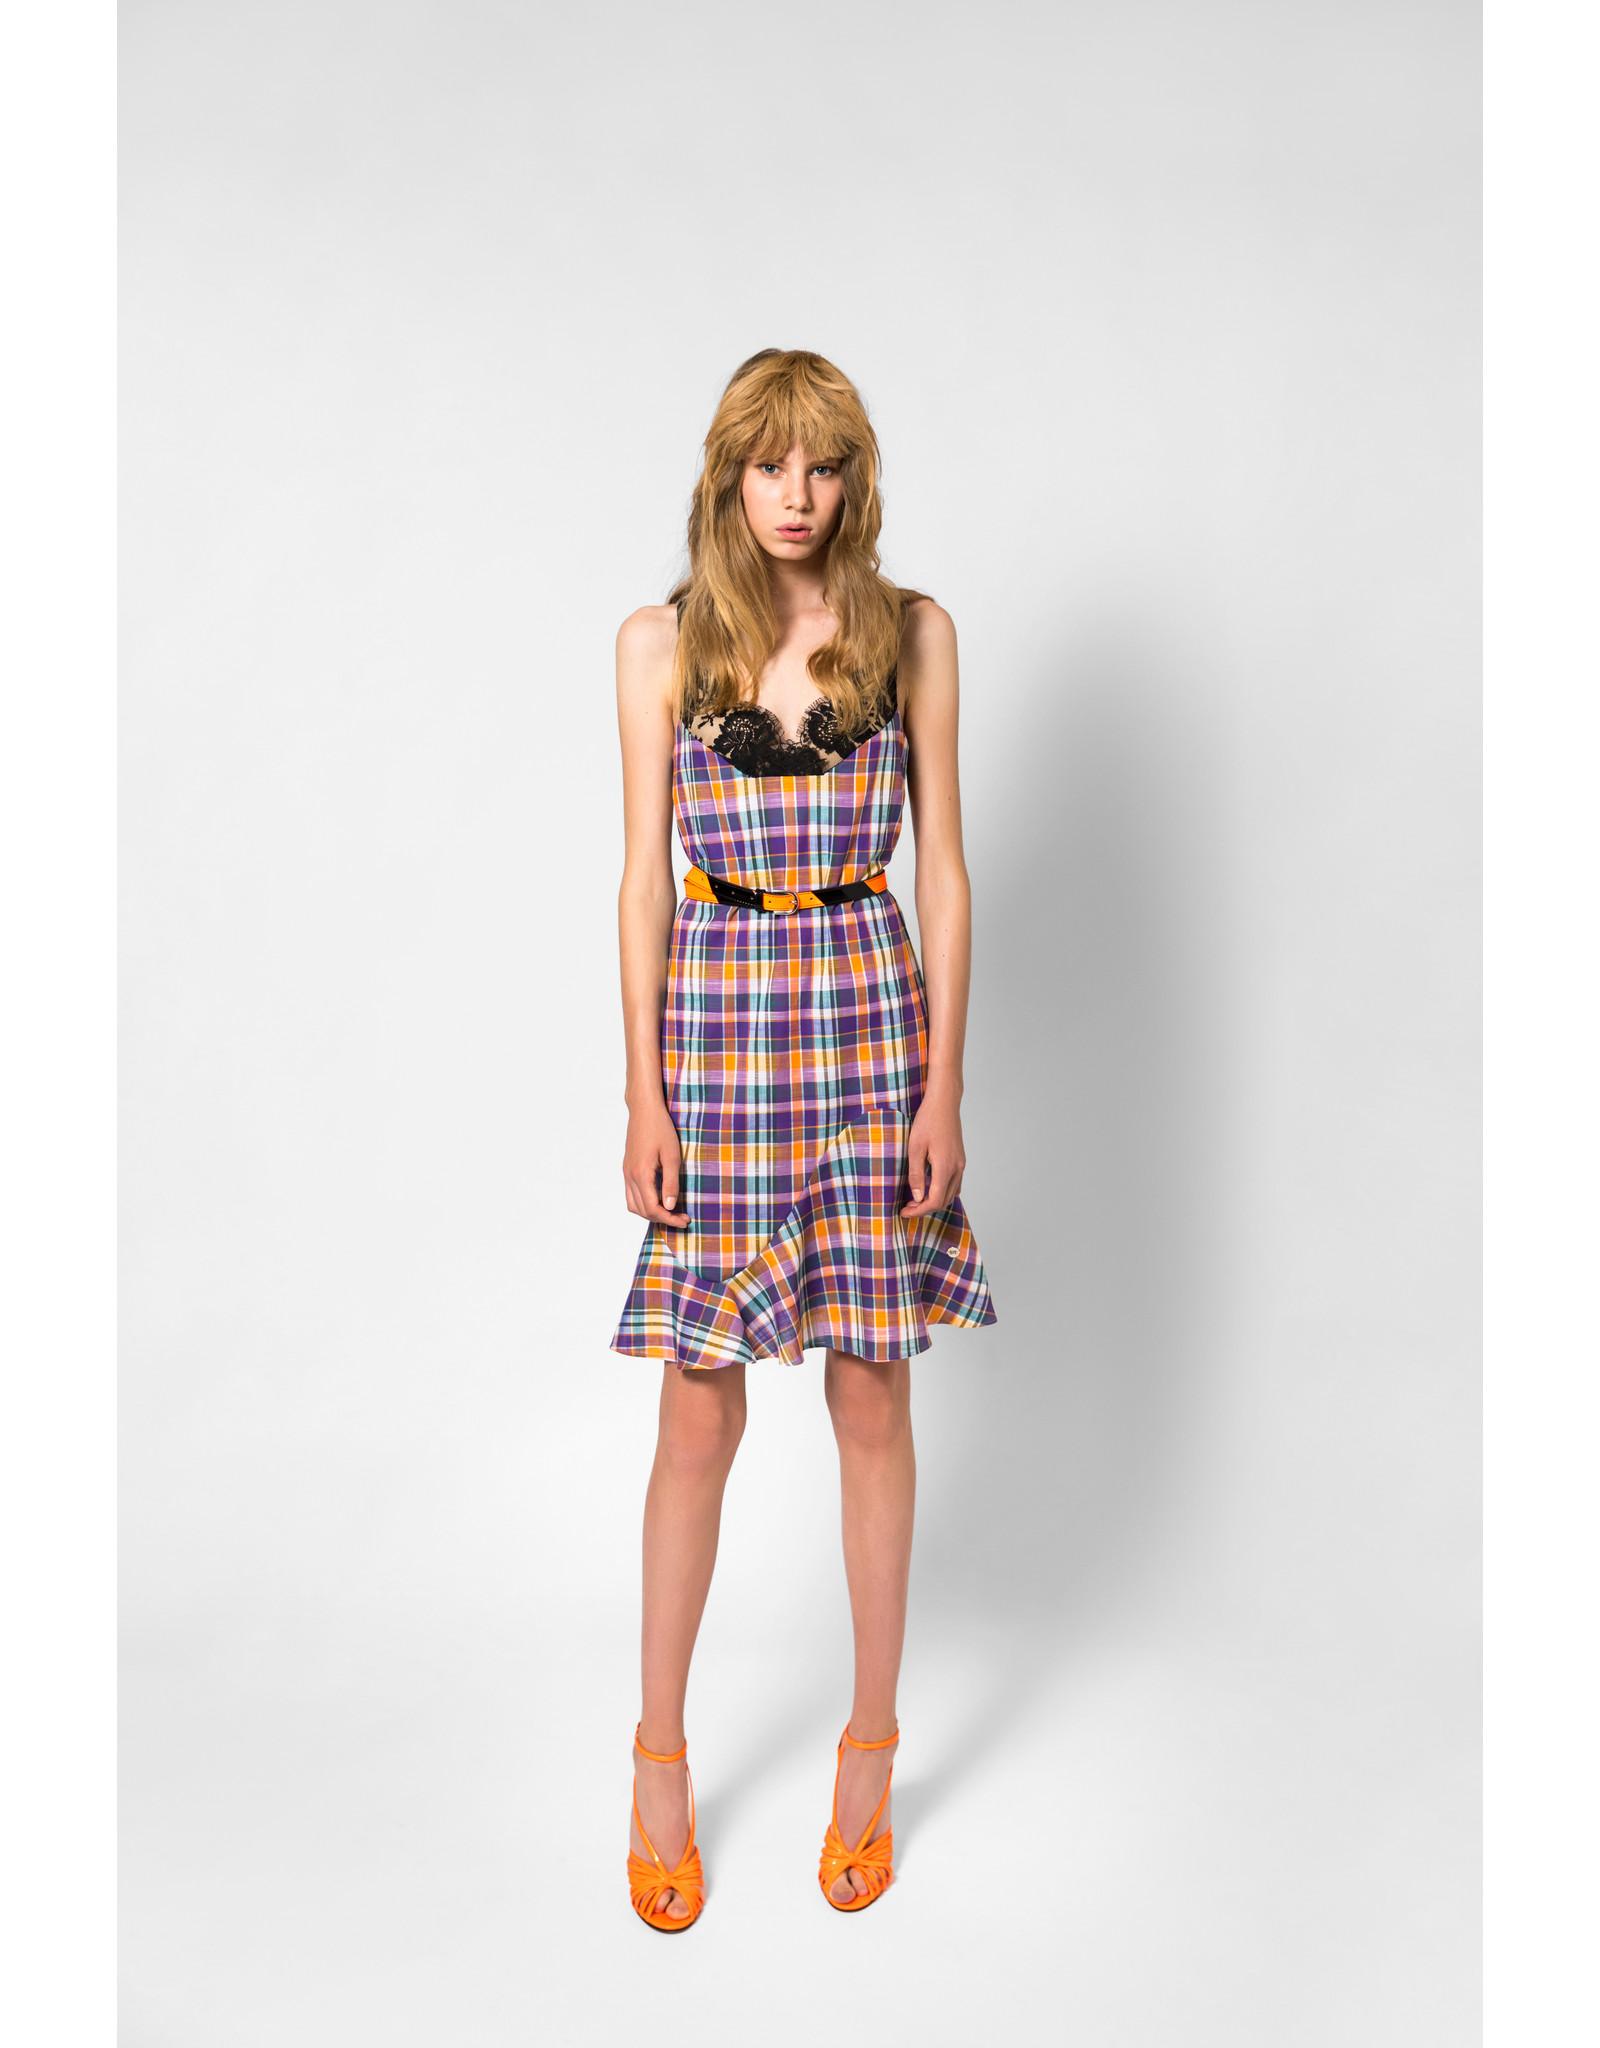 SIS by Spijkers en Spijkers SS20 555-V Lace Harem Dress